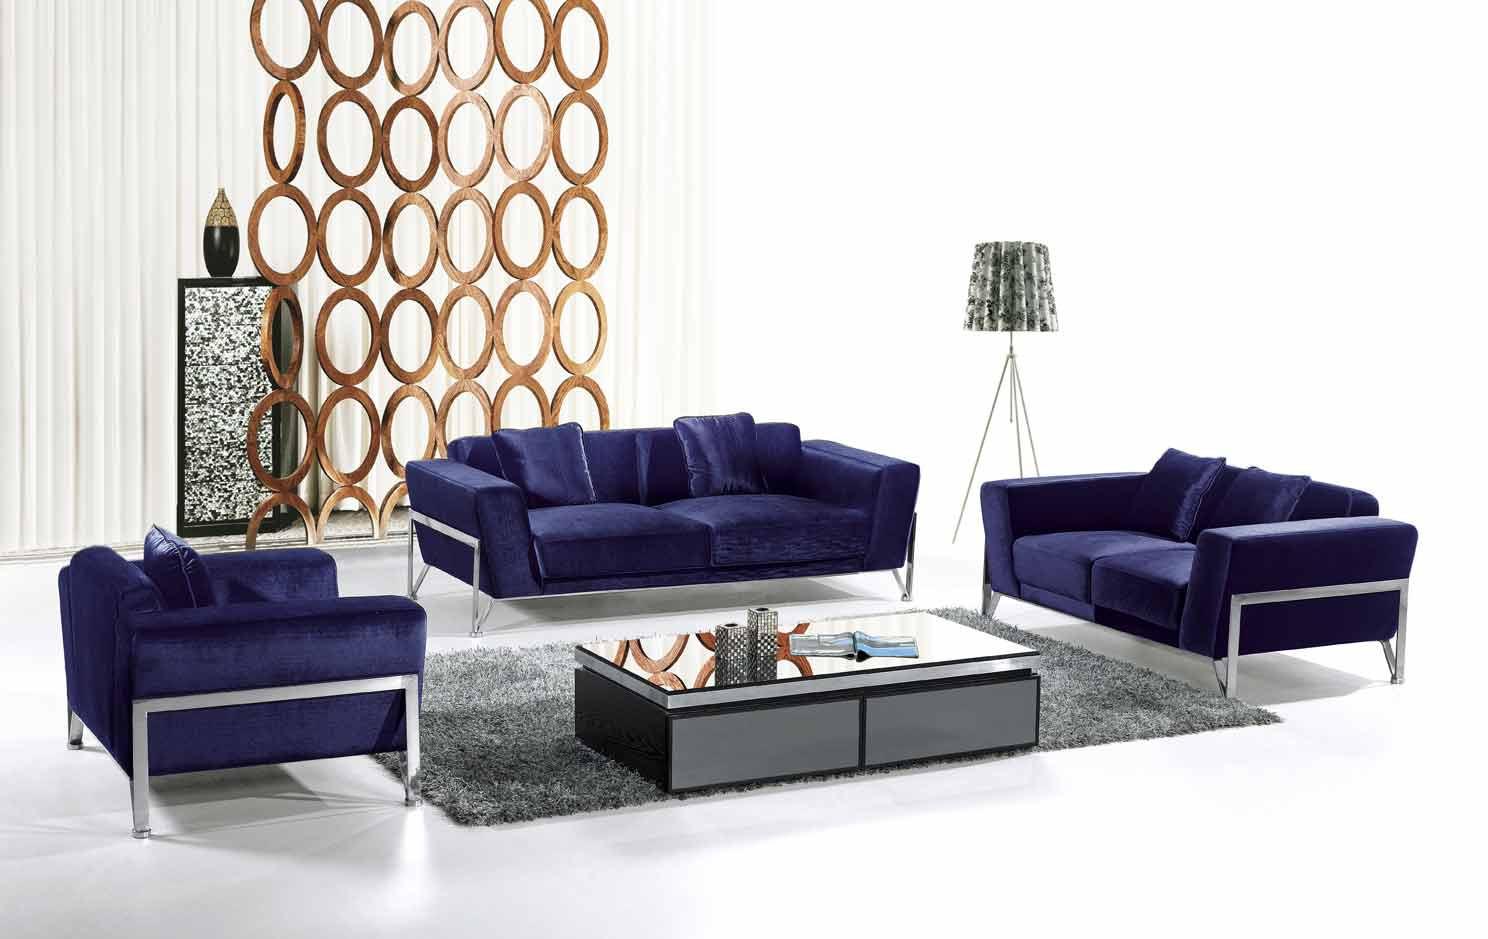 Best ideas about Modern Living Room Furniture Ideas . Save or Pin 30 Brilliant Living Room Furniture Ideas DesignBump Now.